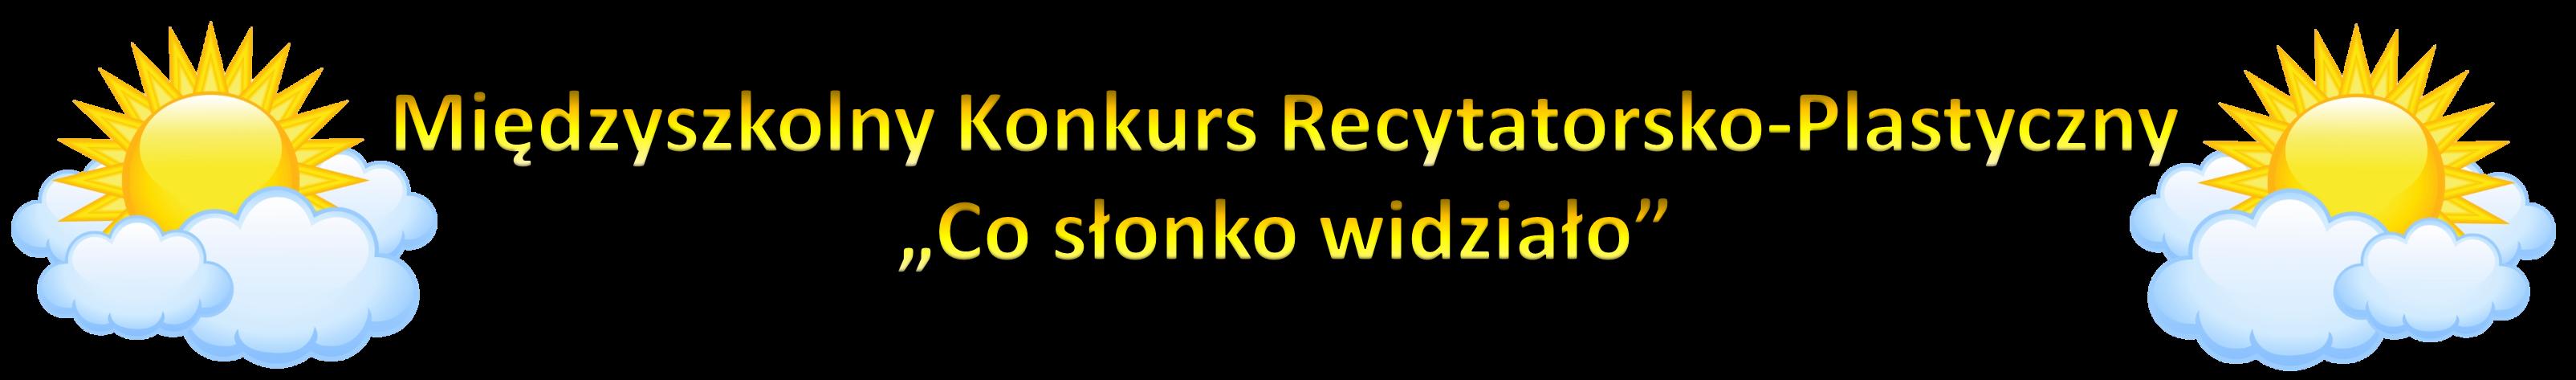 Szkoła Podstawowa Nr 8 W Kielcach Xx Międzyszkolny Konkurs